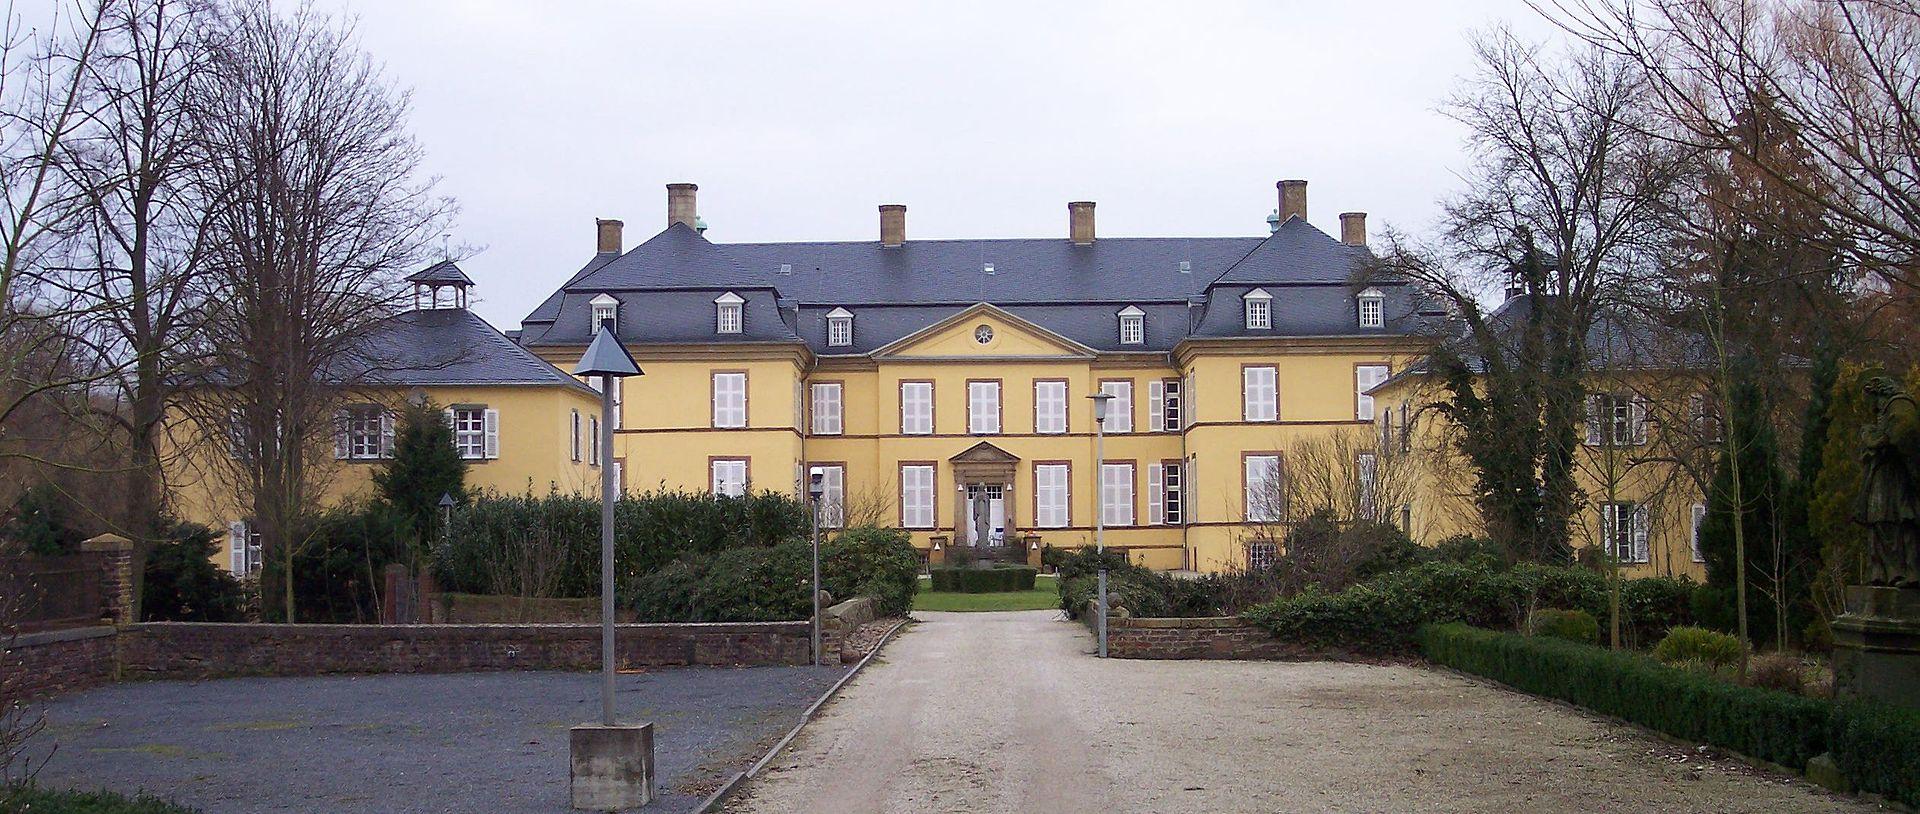 Bild Schloss Crassenstein Diestedde